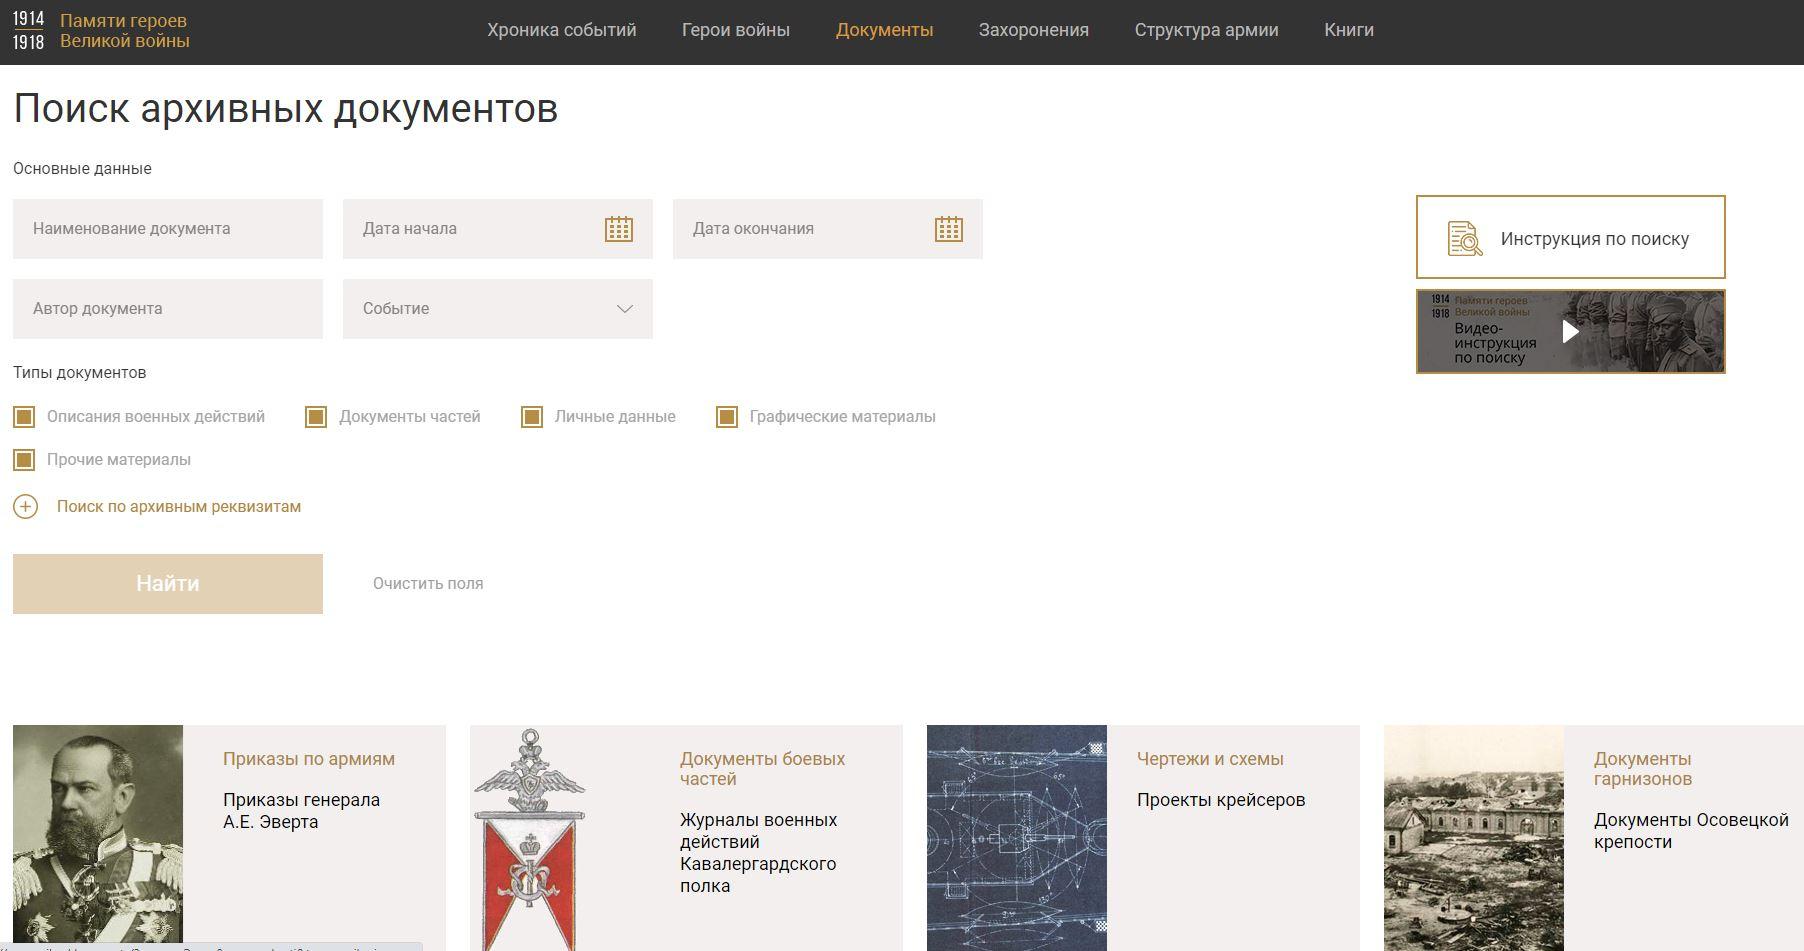 Скриншот сайта Памяти героев Великой войны 1914–1918